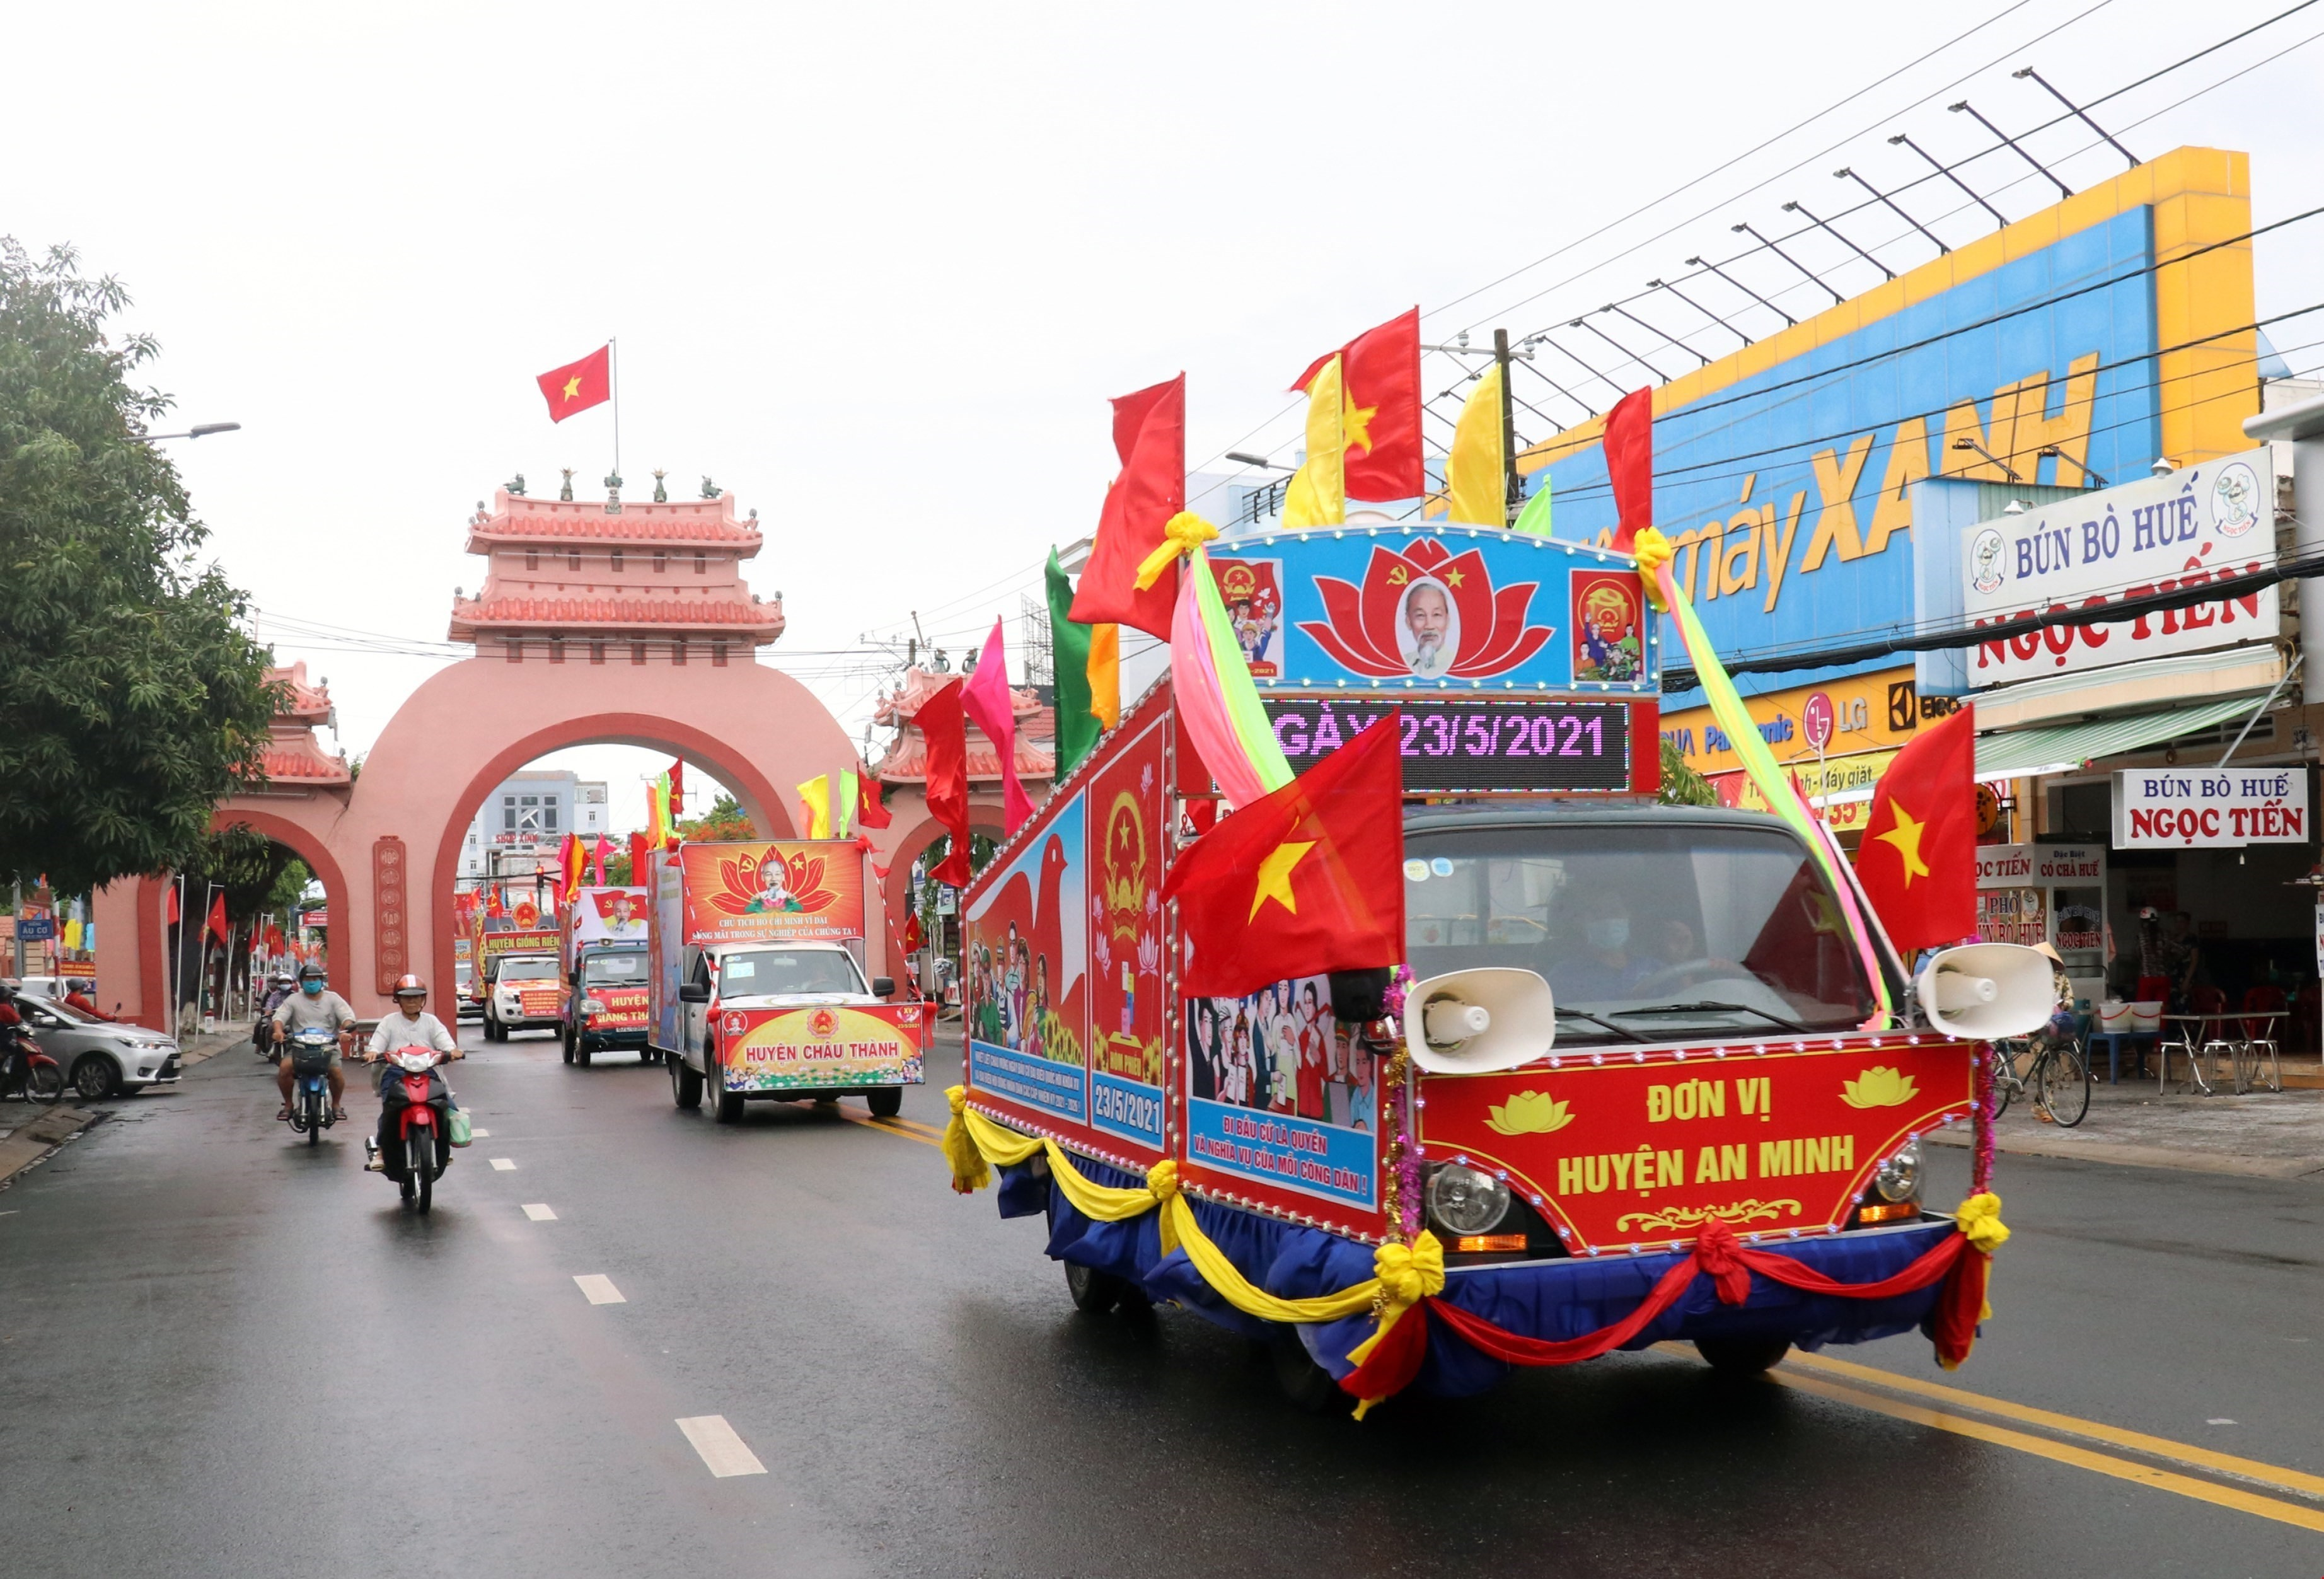 Вьетнам готов к всеобщим выборам hinh anh 7